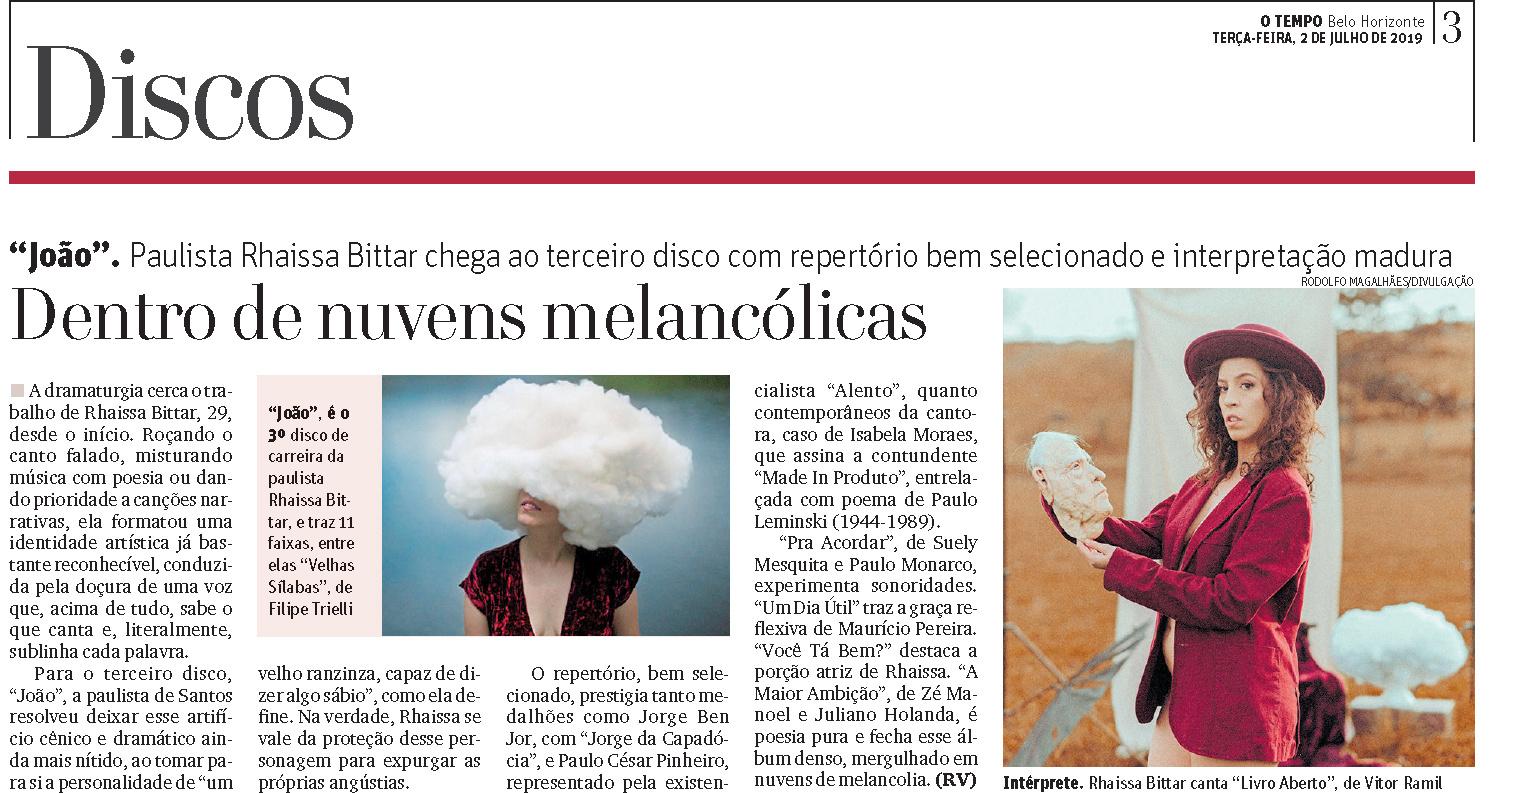 Jornal O Tempo jun 2019